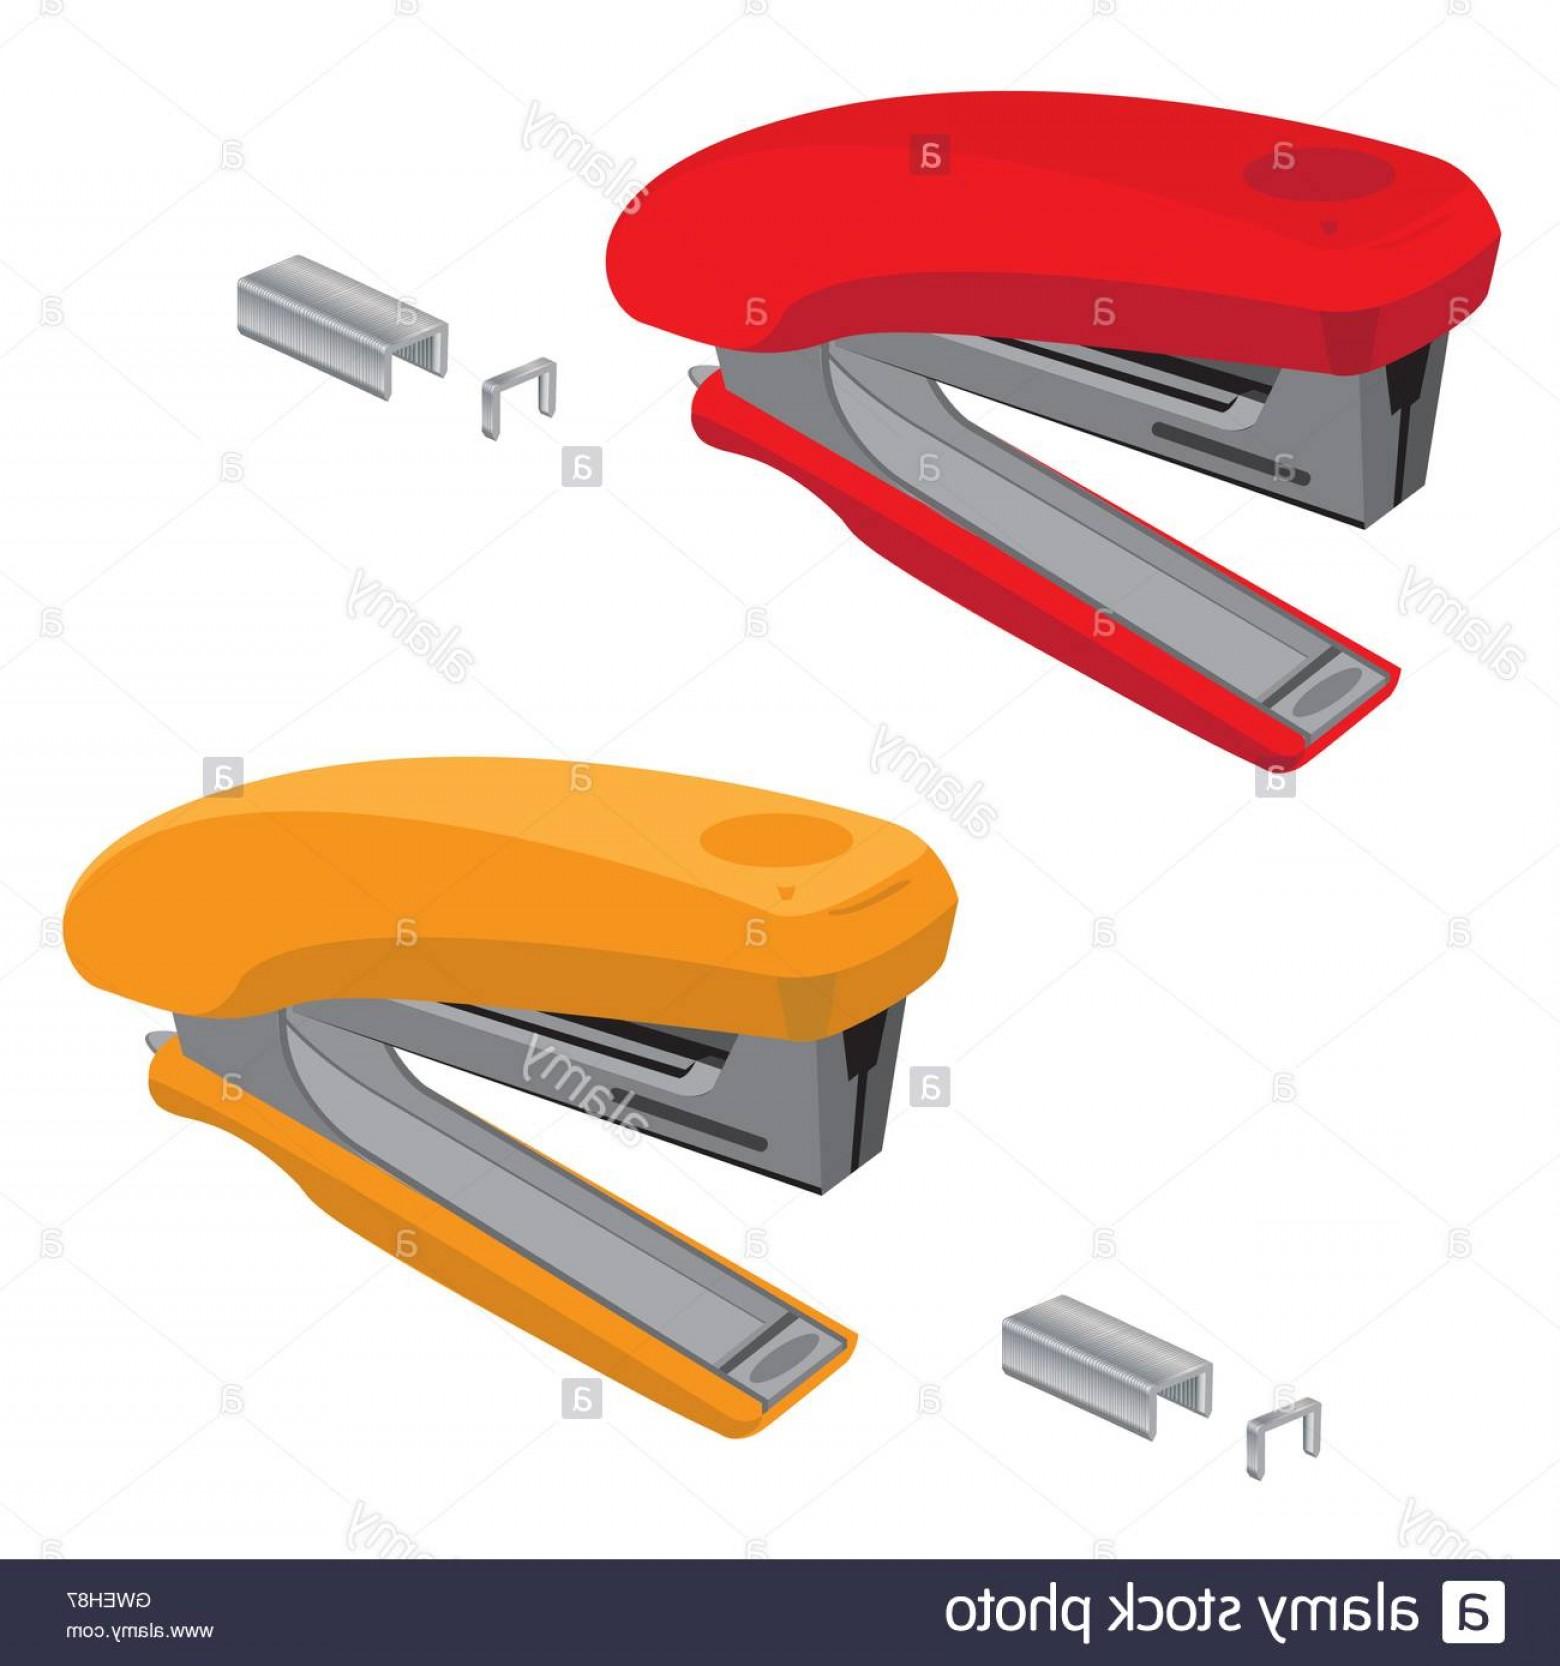 1560x1666 Stock Photo Stapler Staple Vector Illustration Office Background